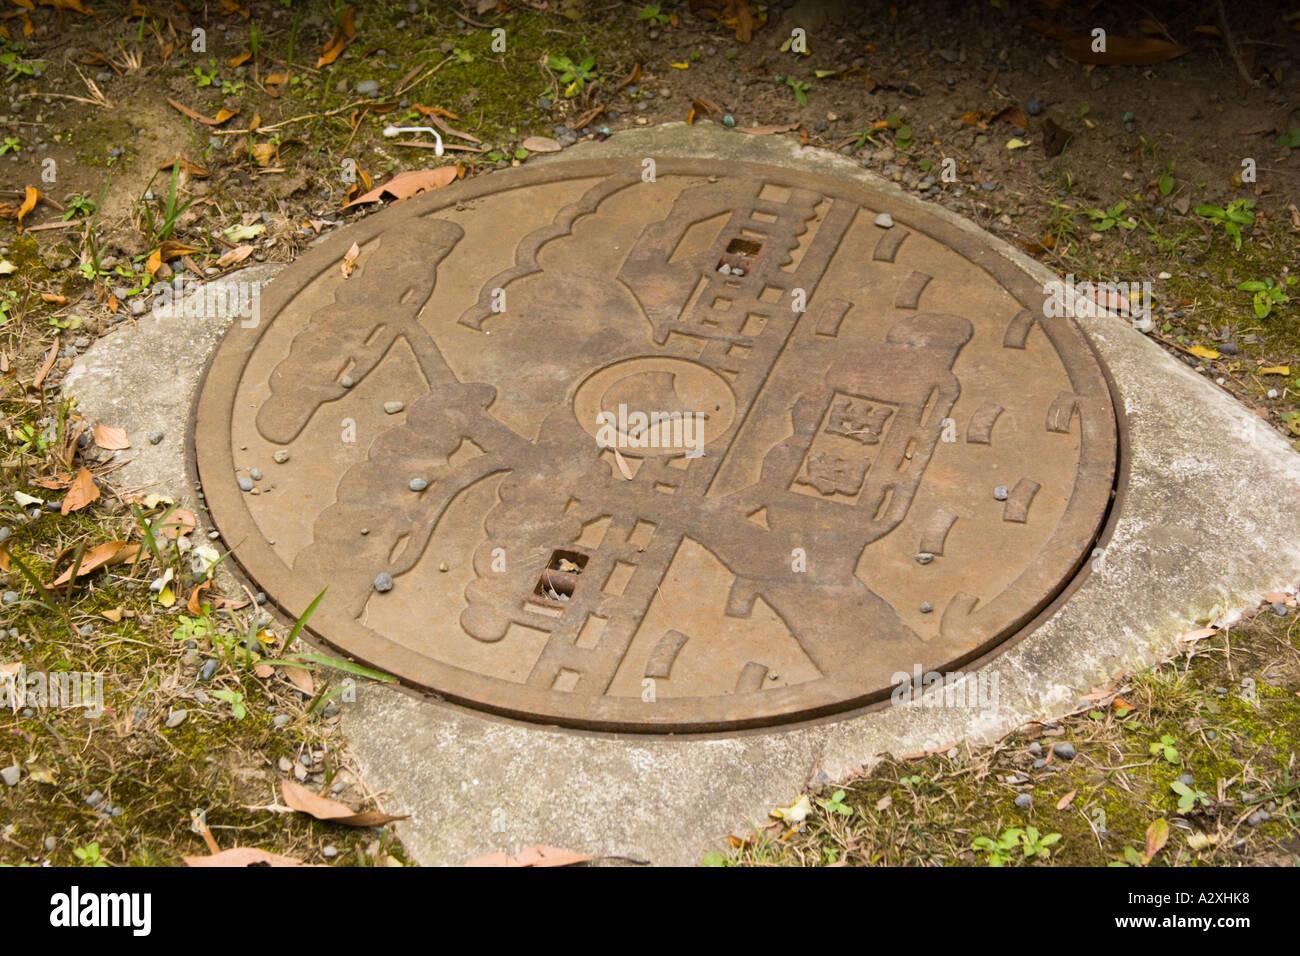 Tokyo Japan Hamarikyu Garden Near The Sumida River Cast Iron Drain Man Hole  Cover   Stock